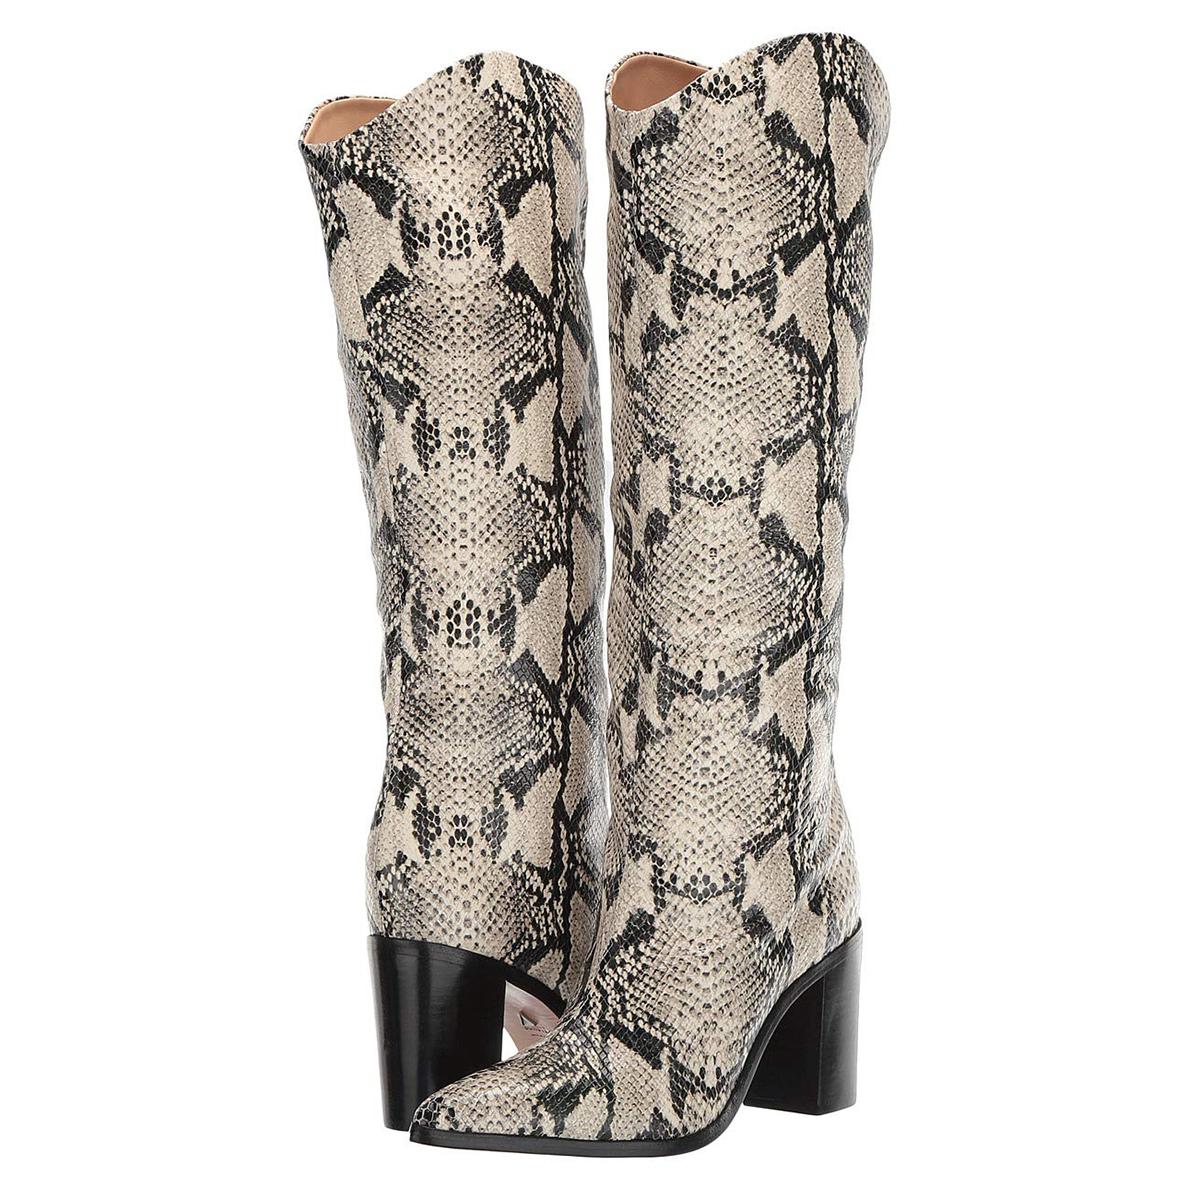 schutz-analeah-snakeskin-boots.jpg